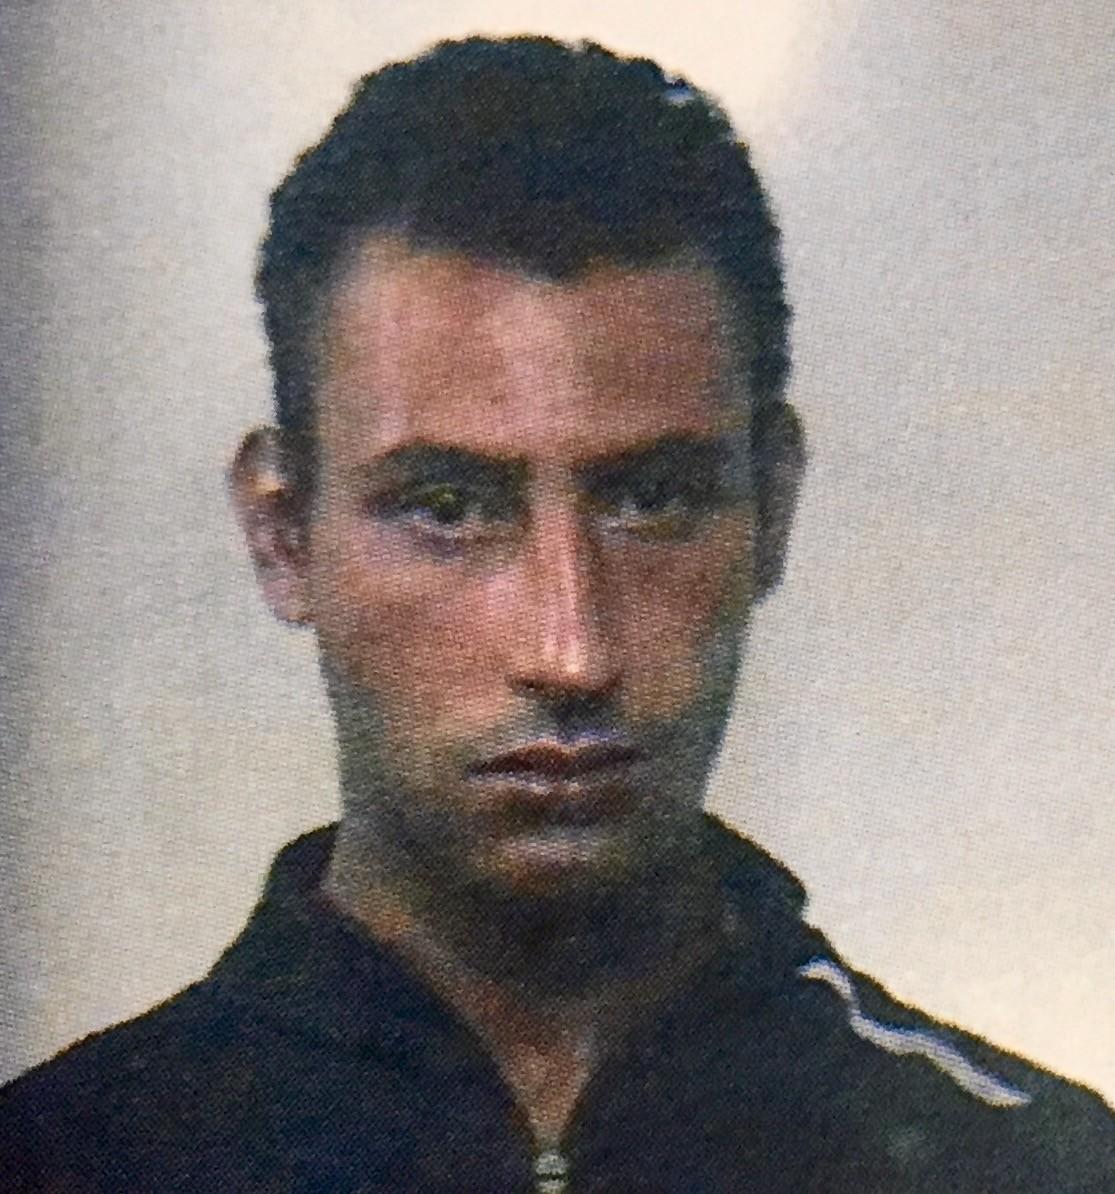 Rapina un anziano, raggiunto dai carabinieri getta la droga e li aggredisce. Arrestato